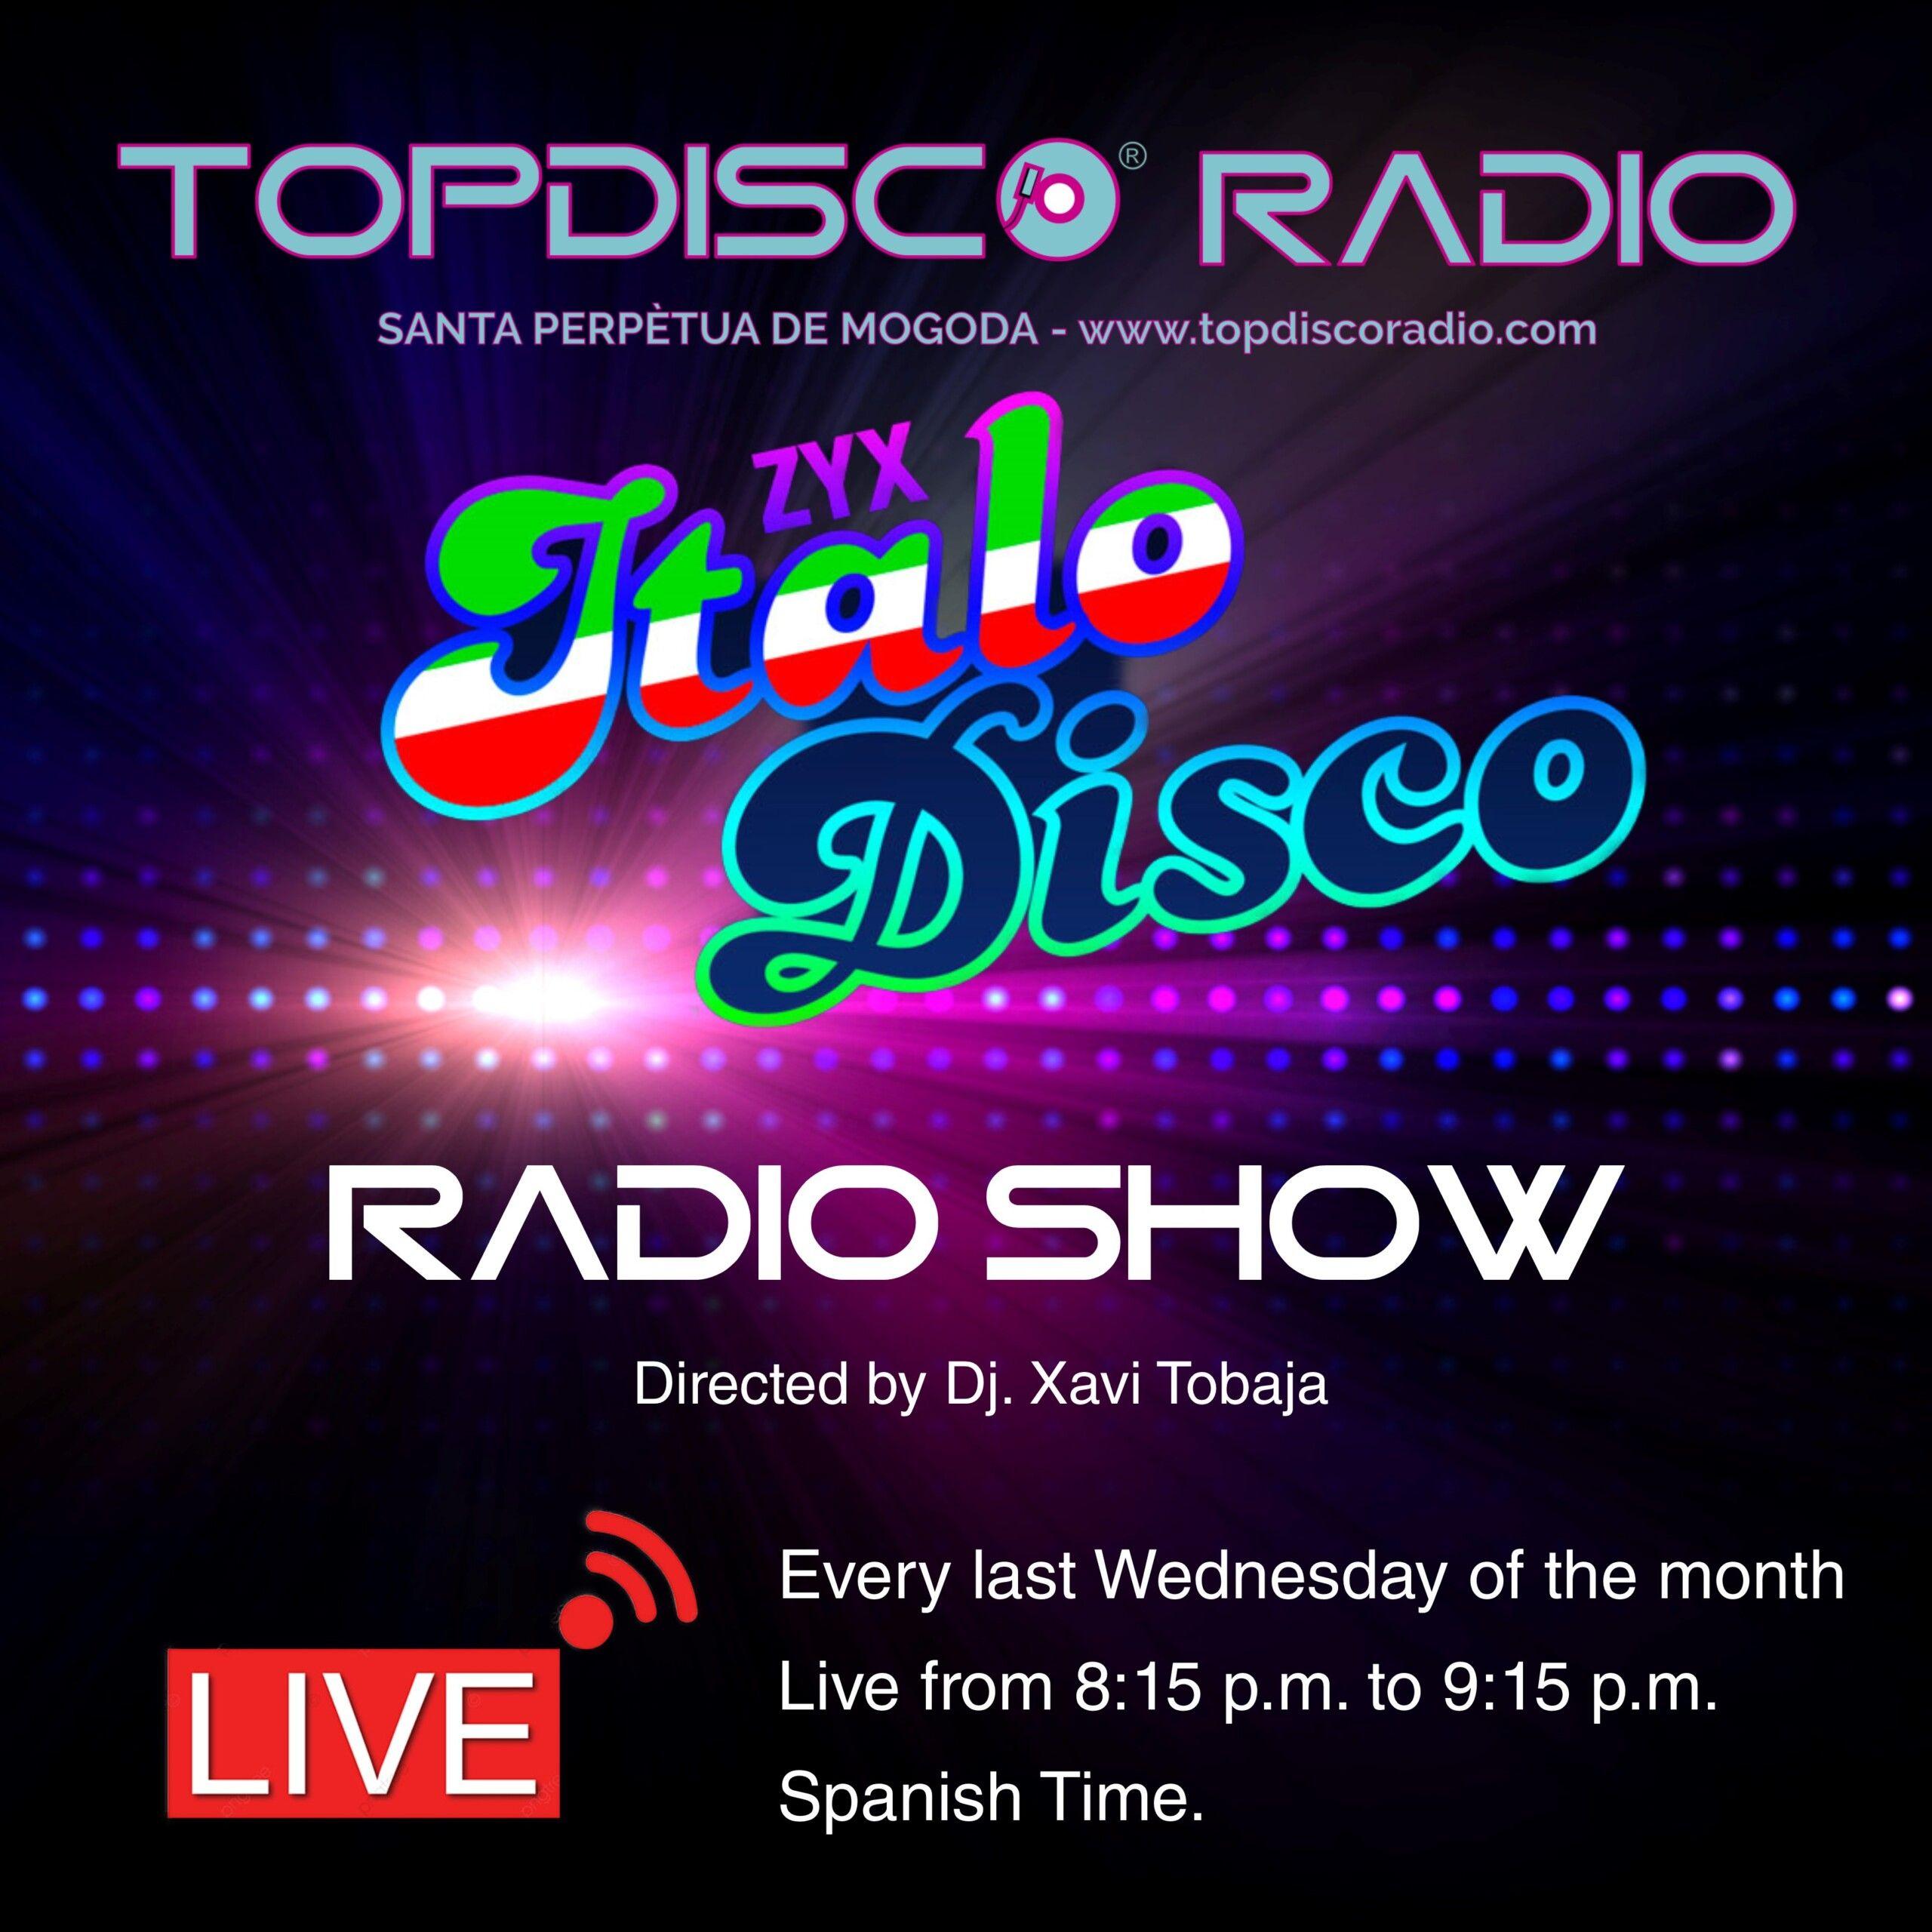 ZYX ITALO DISCO RADIO SHOW - MUSIC PLAY - TOPDISCO RADIO